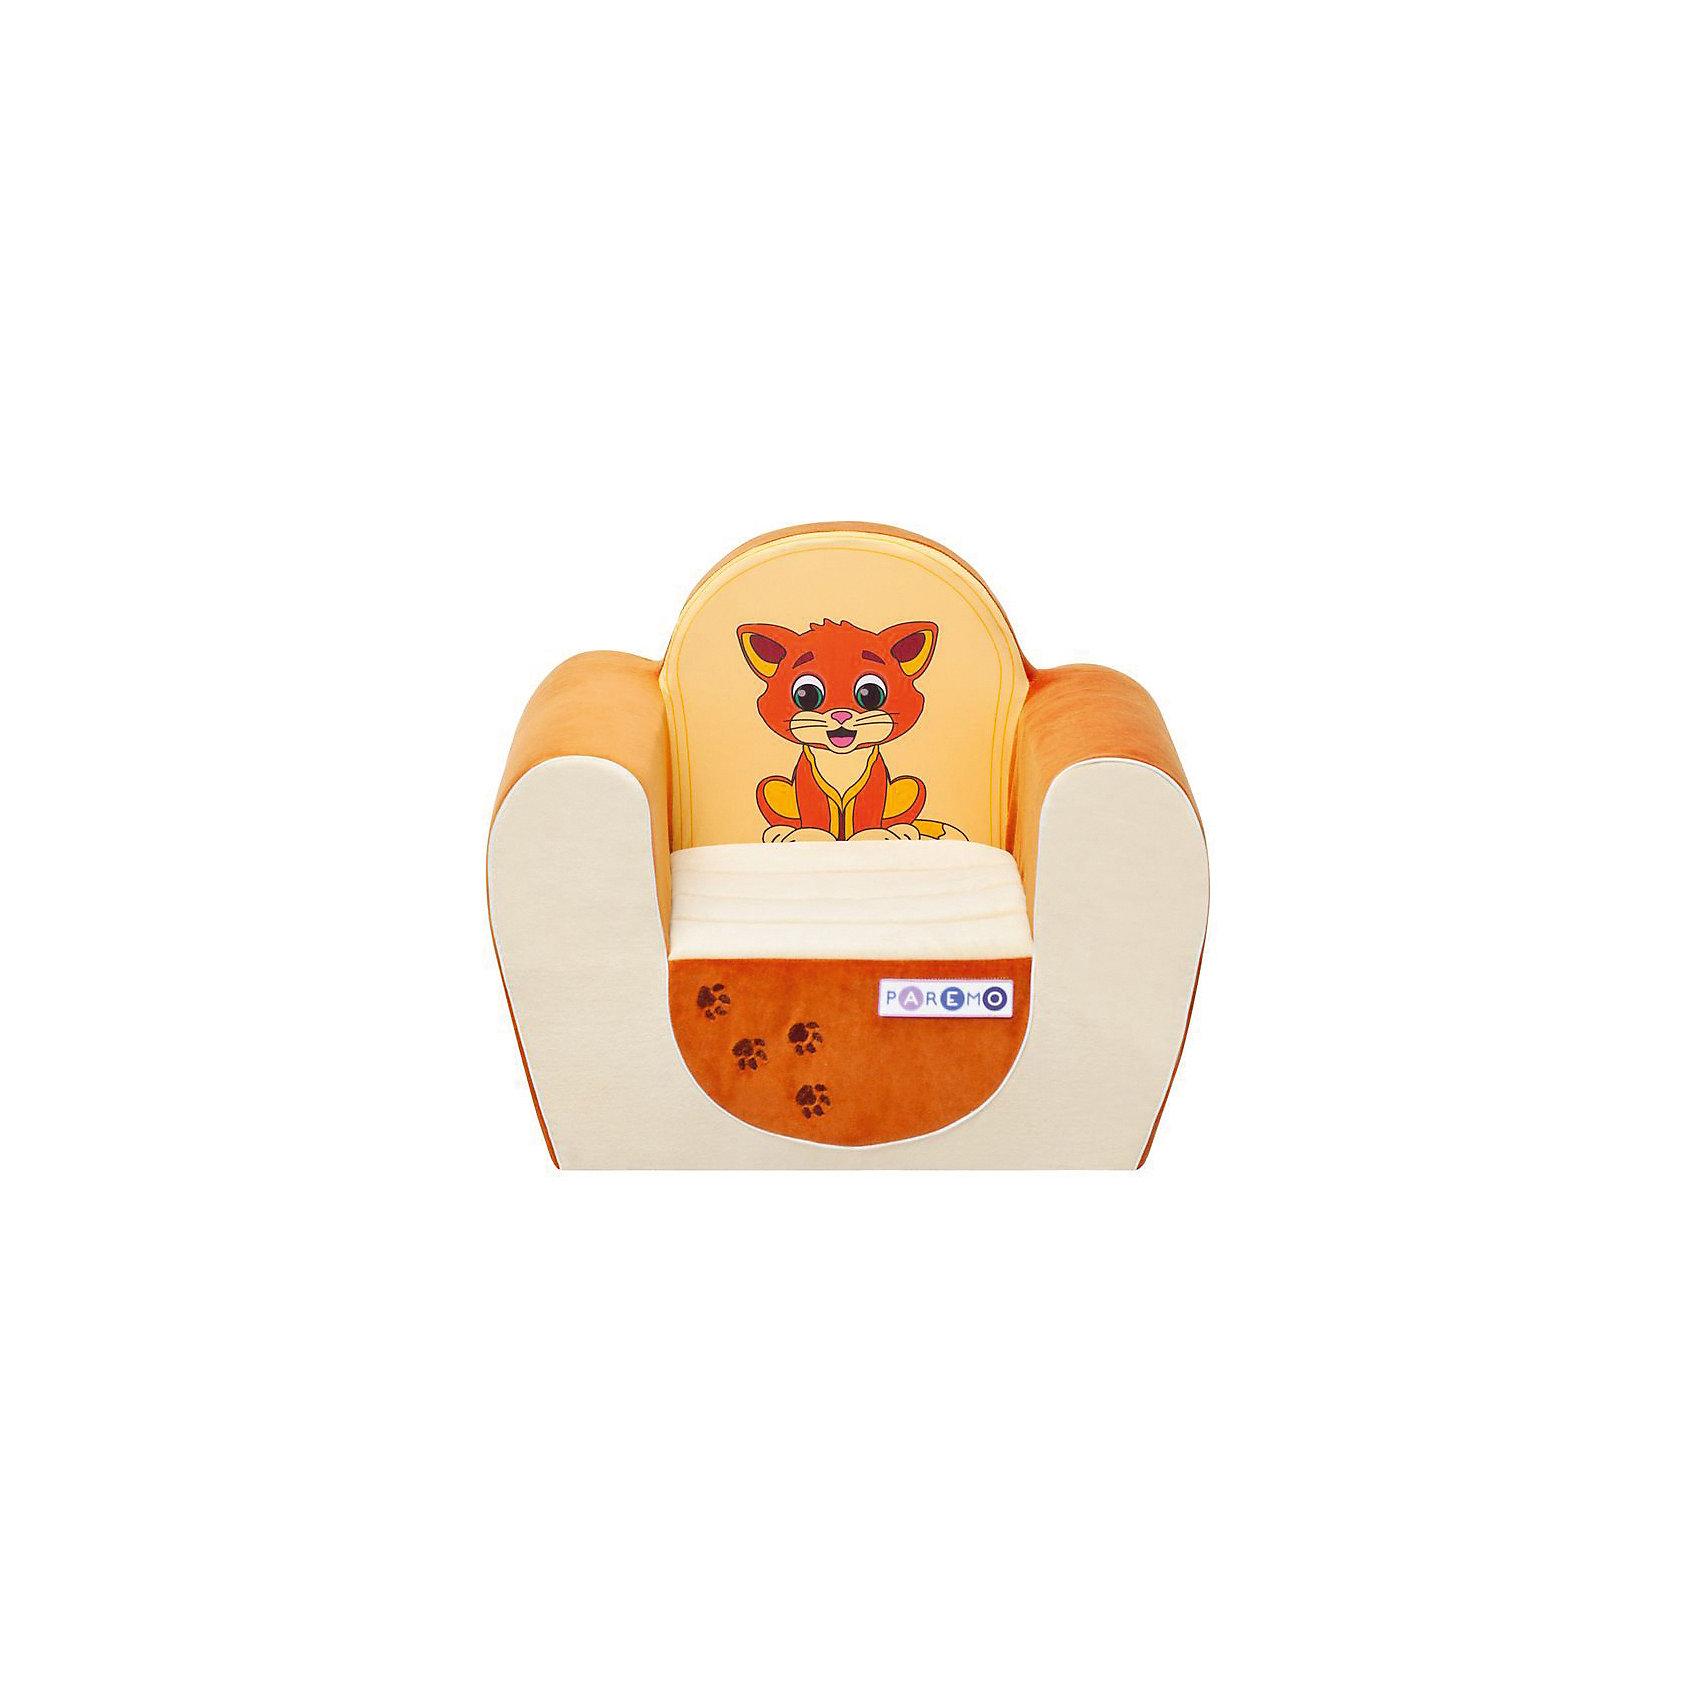 Детское игровое кресло Котенок, бежевый-оранжевый, PAREMOДомики и мебель<br>Детское игровое кресло Котенок, бежевый-оранжевый, PAREMO (ПАРЕМО).<br><br>Характеристики:<br><br>• Размер: 54х45х38 см.<br>• Вес: 3 кг.<br>• Высота от пола до сидения: 18 см.<br>• Размер сидения: 28х26 см.<br>• Материал чехла: велюр, текстиль<br>• Наполнитель: пенополиуретан<br>• Цвет: бежевый, оранжевый<br>• Упаковка: пакет<br><br>Яркое детское игровое кресло «Котенок» с изображением очаровательного котенка создано для детей в возрасте от года до четырех лет. Оно имеет бескаркасную, абсолютно безопасную конструкцию. Острые углы отсутствуют. Мягкое и эргономичное сидение принимает нужную форму под весом ребенка, что делает кресло максимально комфортным. Высота от пола до сидения составляет 18 см, поэтому даже самым маленьким будет удобно садиться в кресло. <br><br>Мягкий чехол приятен на ощупь. Он легко снимается и при необходимости стирается в режиме деликатной стирки при температуре до 30 градусов. Кресло идеально впишется в любой уголок детской комнаты. Оно создаст дополнительное место для игр и станет удобным, укромным местечком, где ваш малыш сможет отдохнуть. Сделано в России!<br><br>Детское игровое кресло Котенок, бежевое-оранжевое, PAREMO (ПАРЕМО) можно купить в нашем интернет-магазине.<br><br>Ширина мм: 540<br>Глубина мм: 450<br>Высота мм: 380<br>Вес г: 3000<br>Возраст от месяцев: 12<br>Возраст до месяцев: 120<br>Пол: Женский<br>Возраст: Детский<br>SKU: 5482293